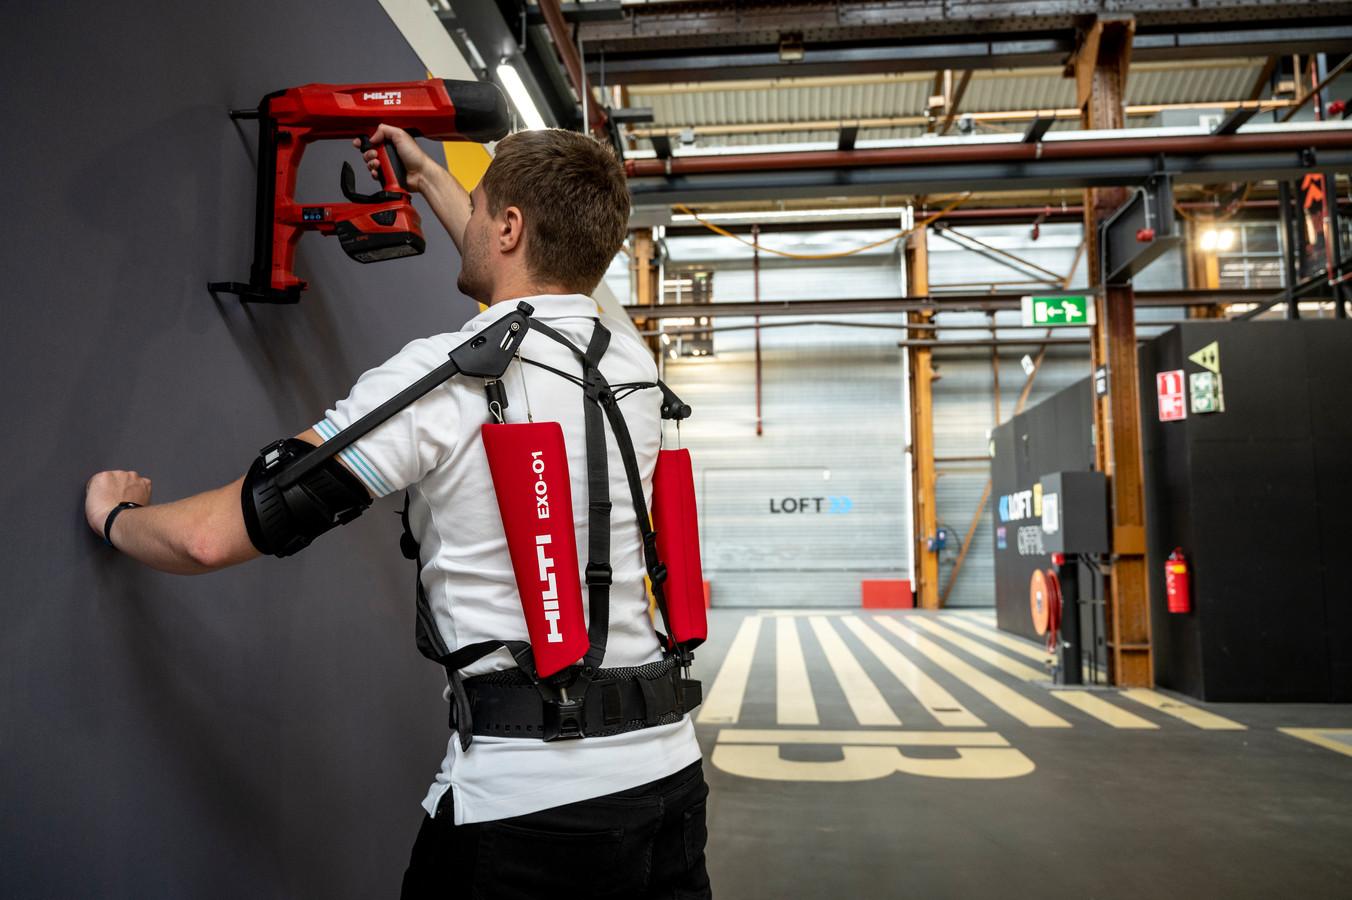 Het exoskelet dat de armen ondersteund helpt bijvoorbeeld bij het boren van gaten in de muur.